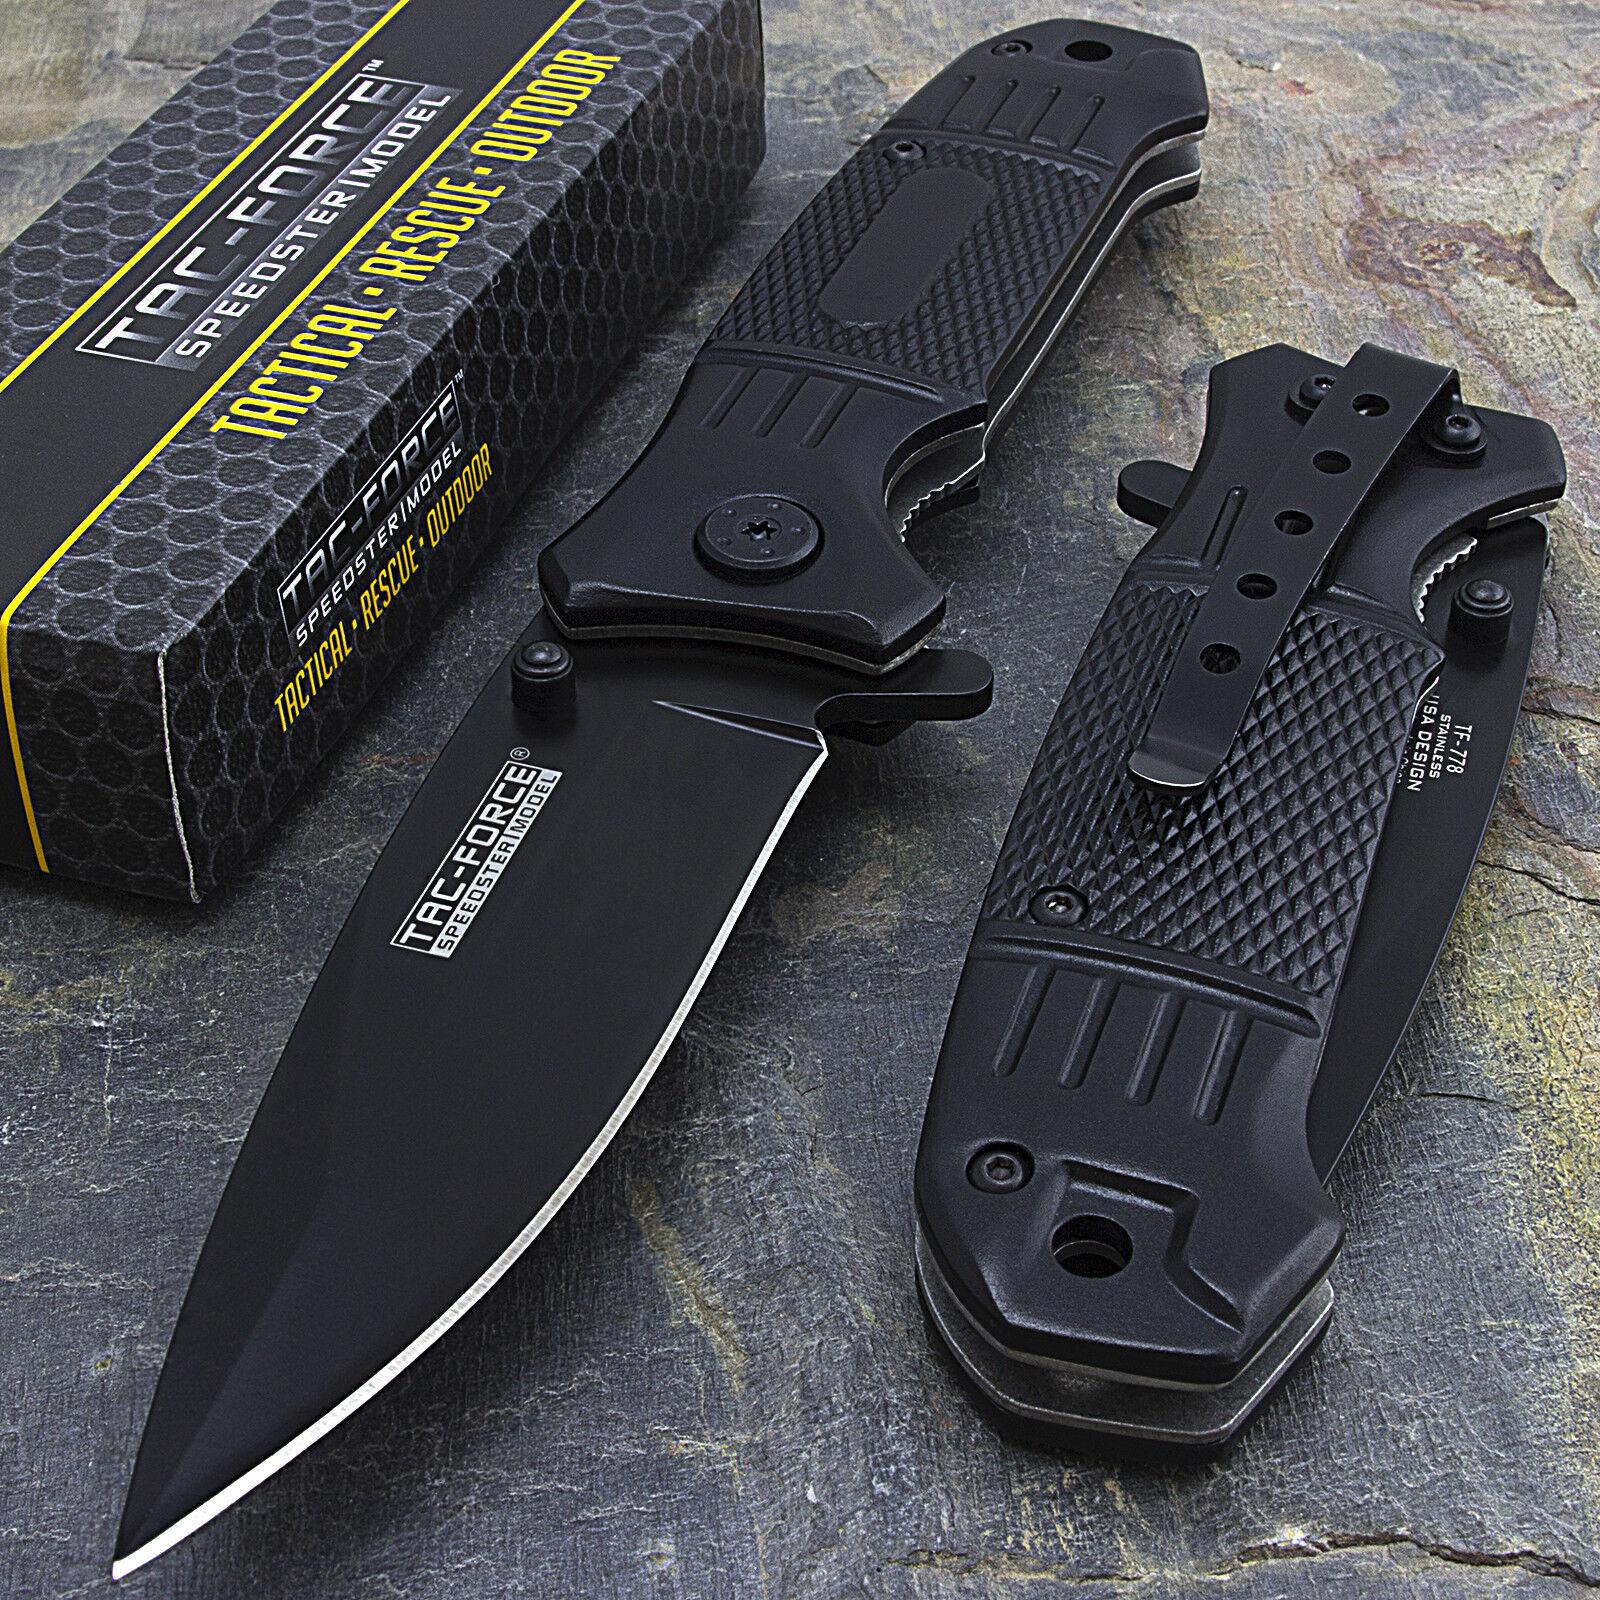 """Knife - 7.75"""" TAC FORCE SPRING ASSISTED TACTICAL EDC FOLDING POCKET KNIFE Open Assist"""